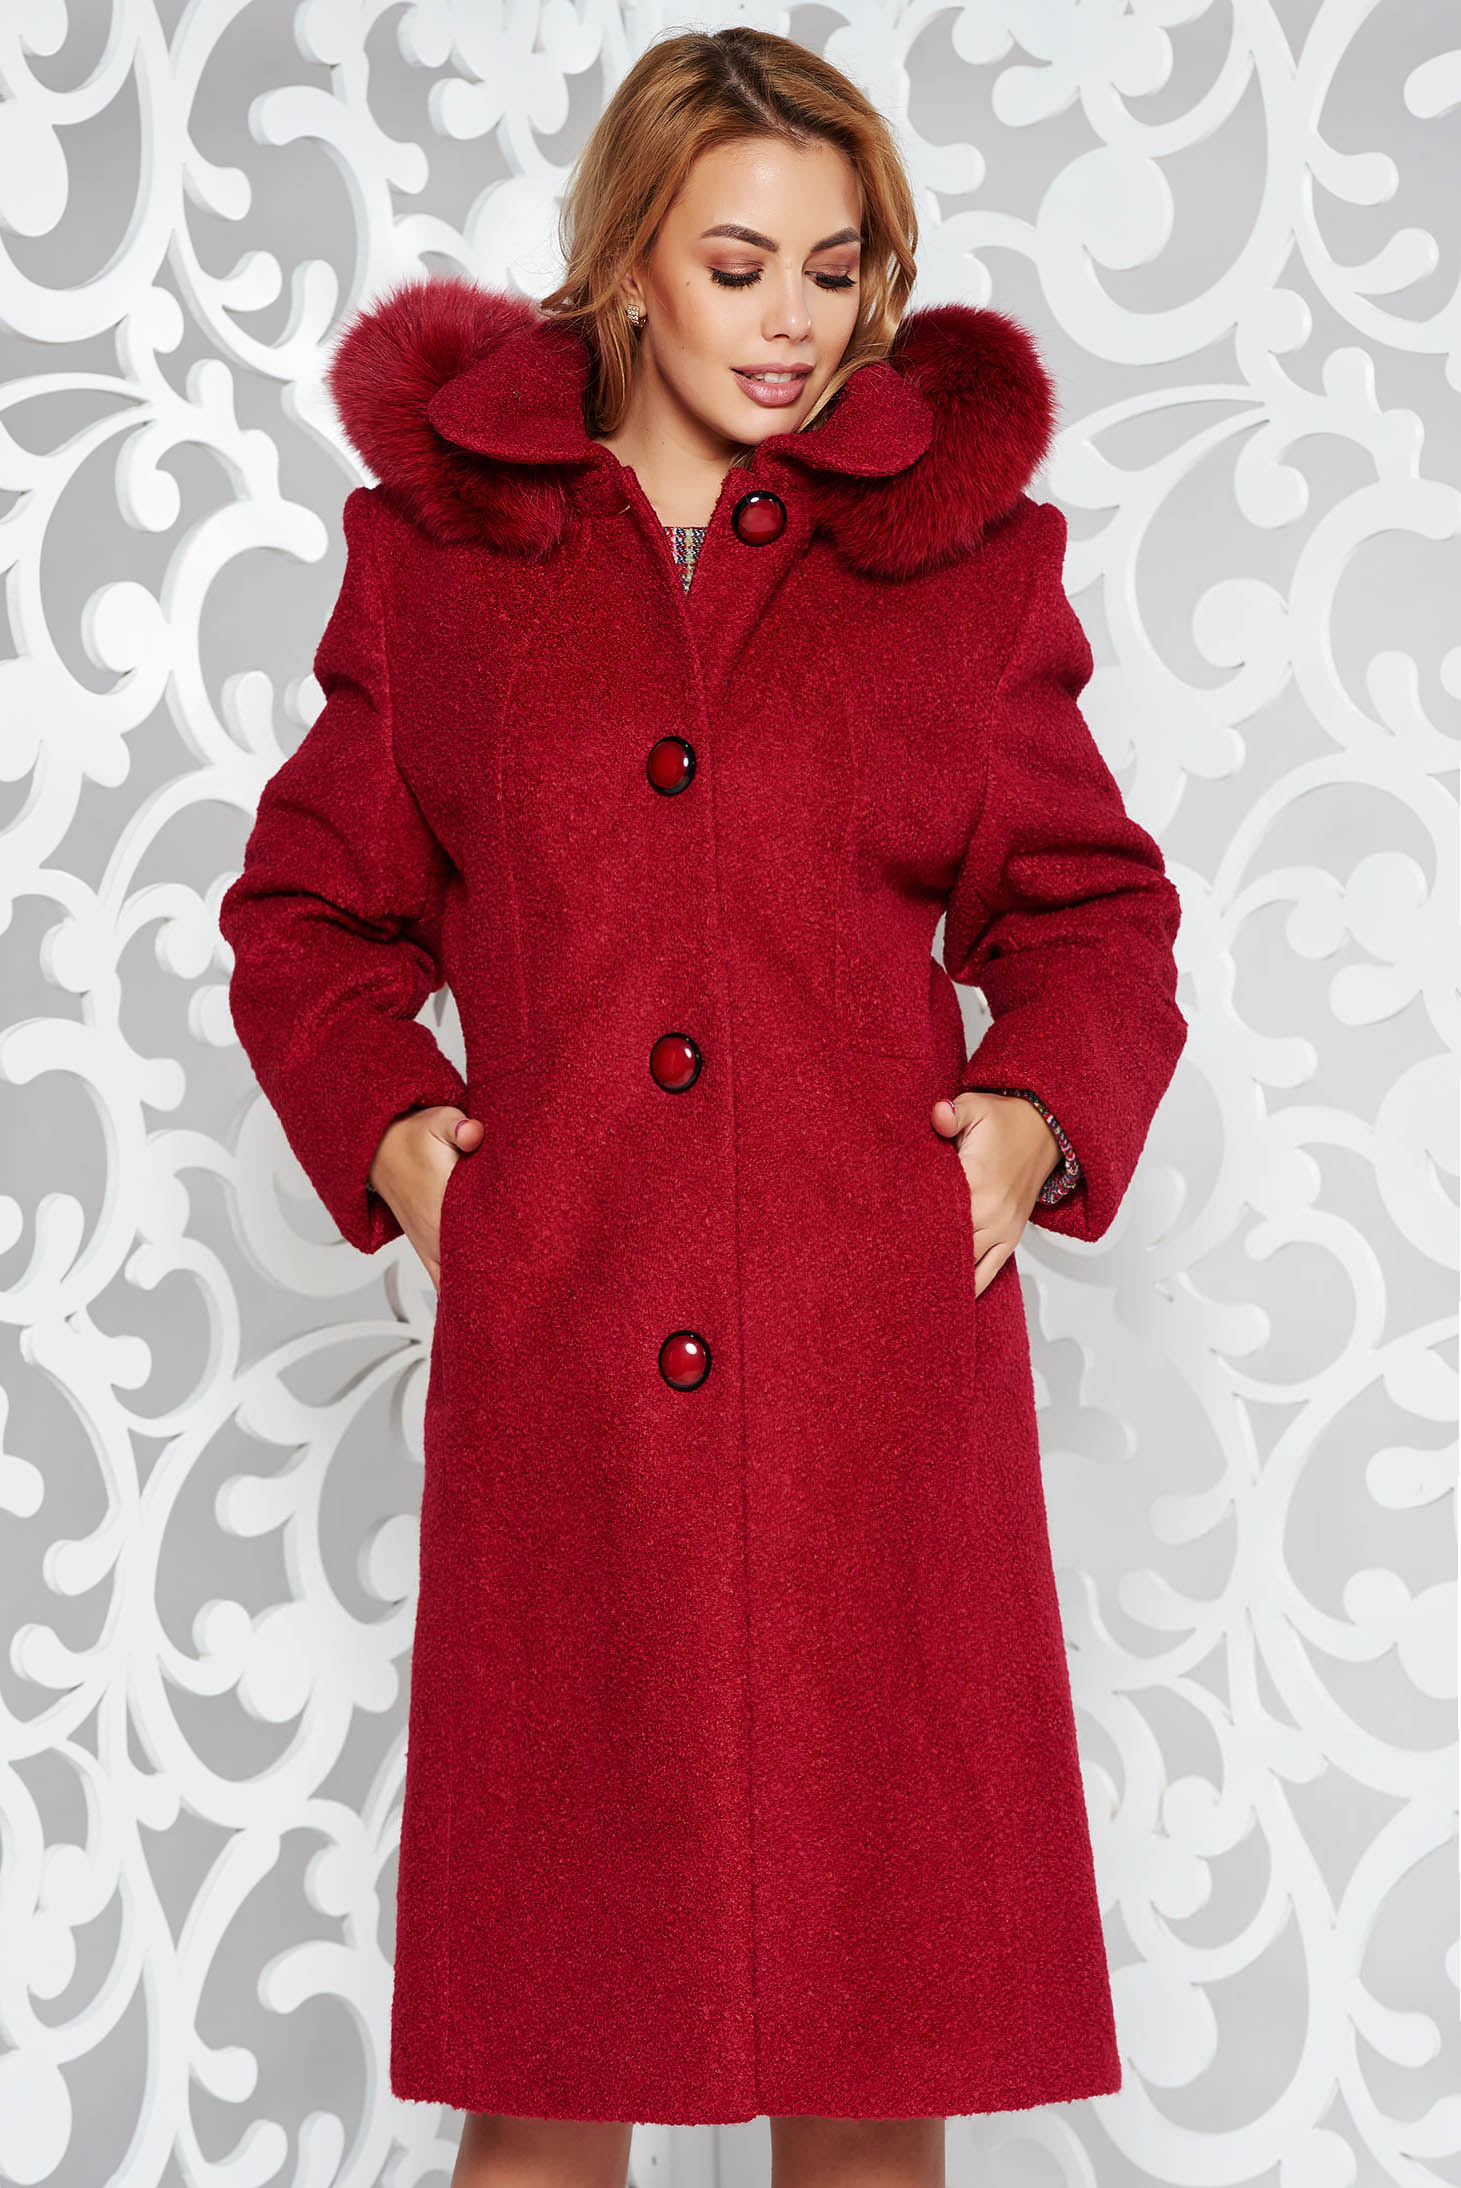 Palton rosu elegant cu un croi drept din lana captusit pe interior gluga detasabila